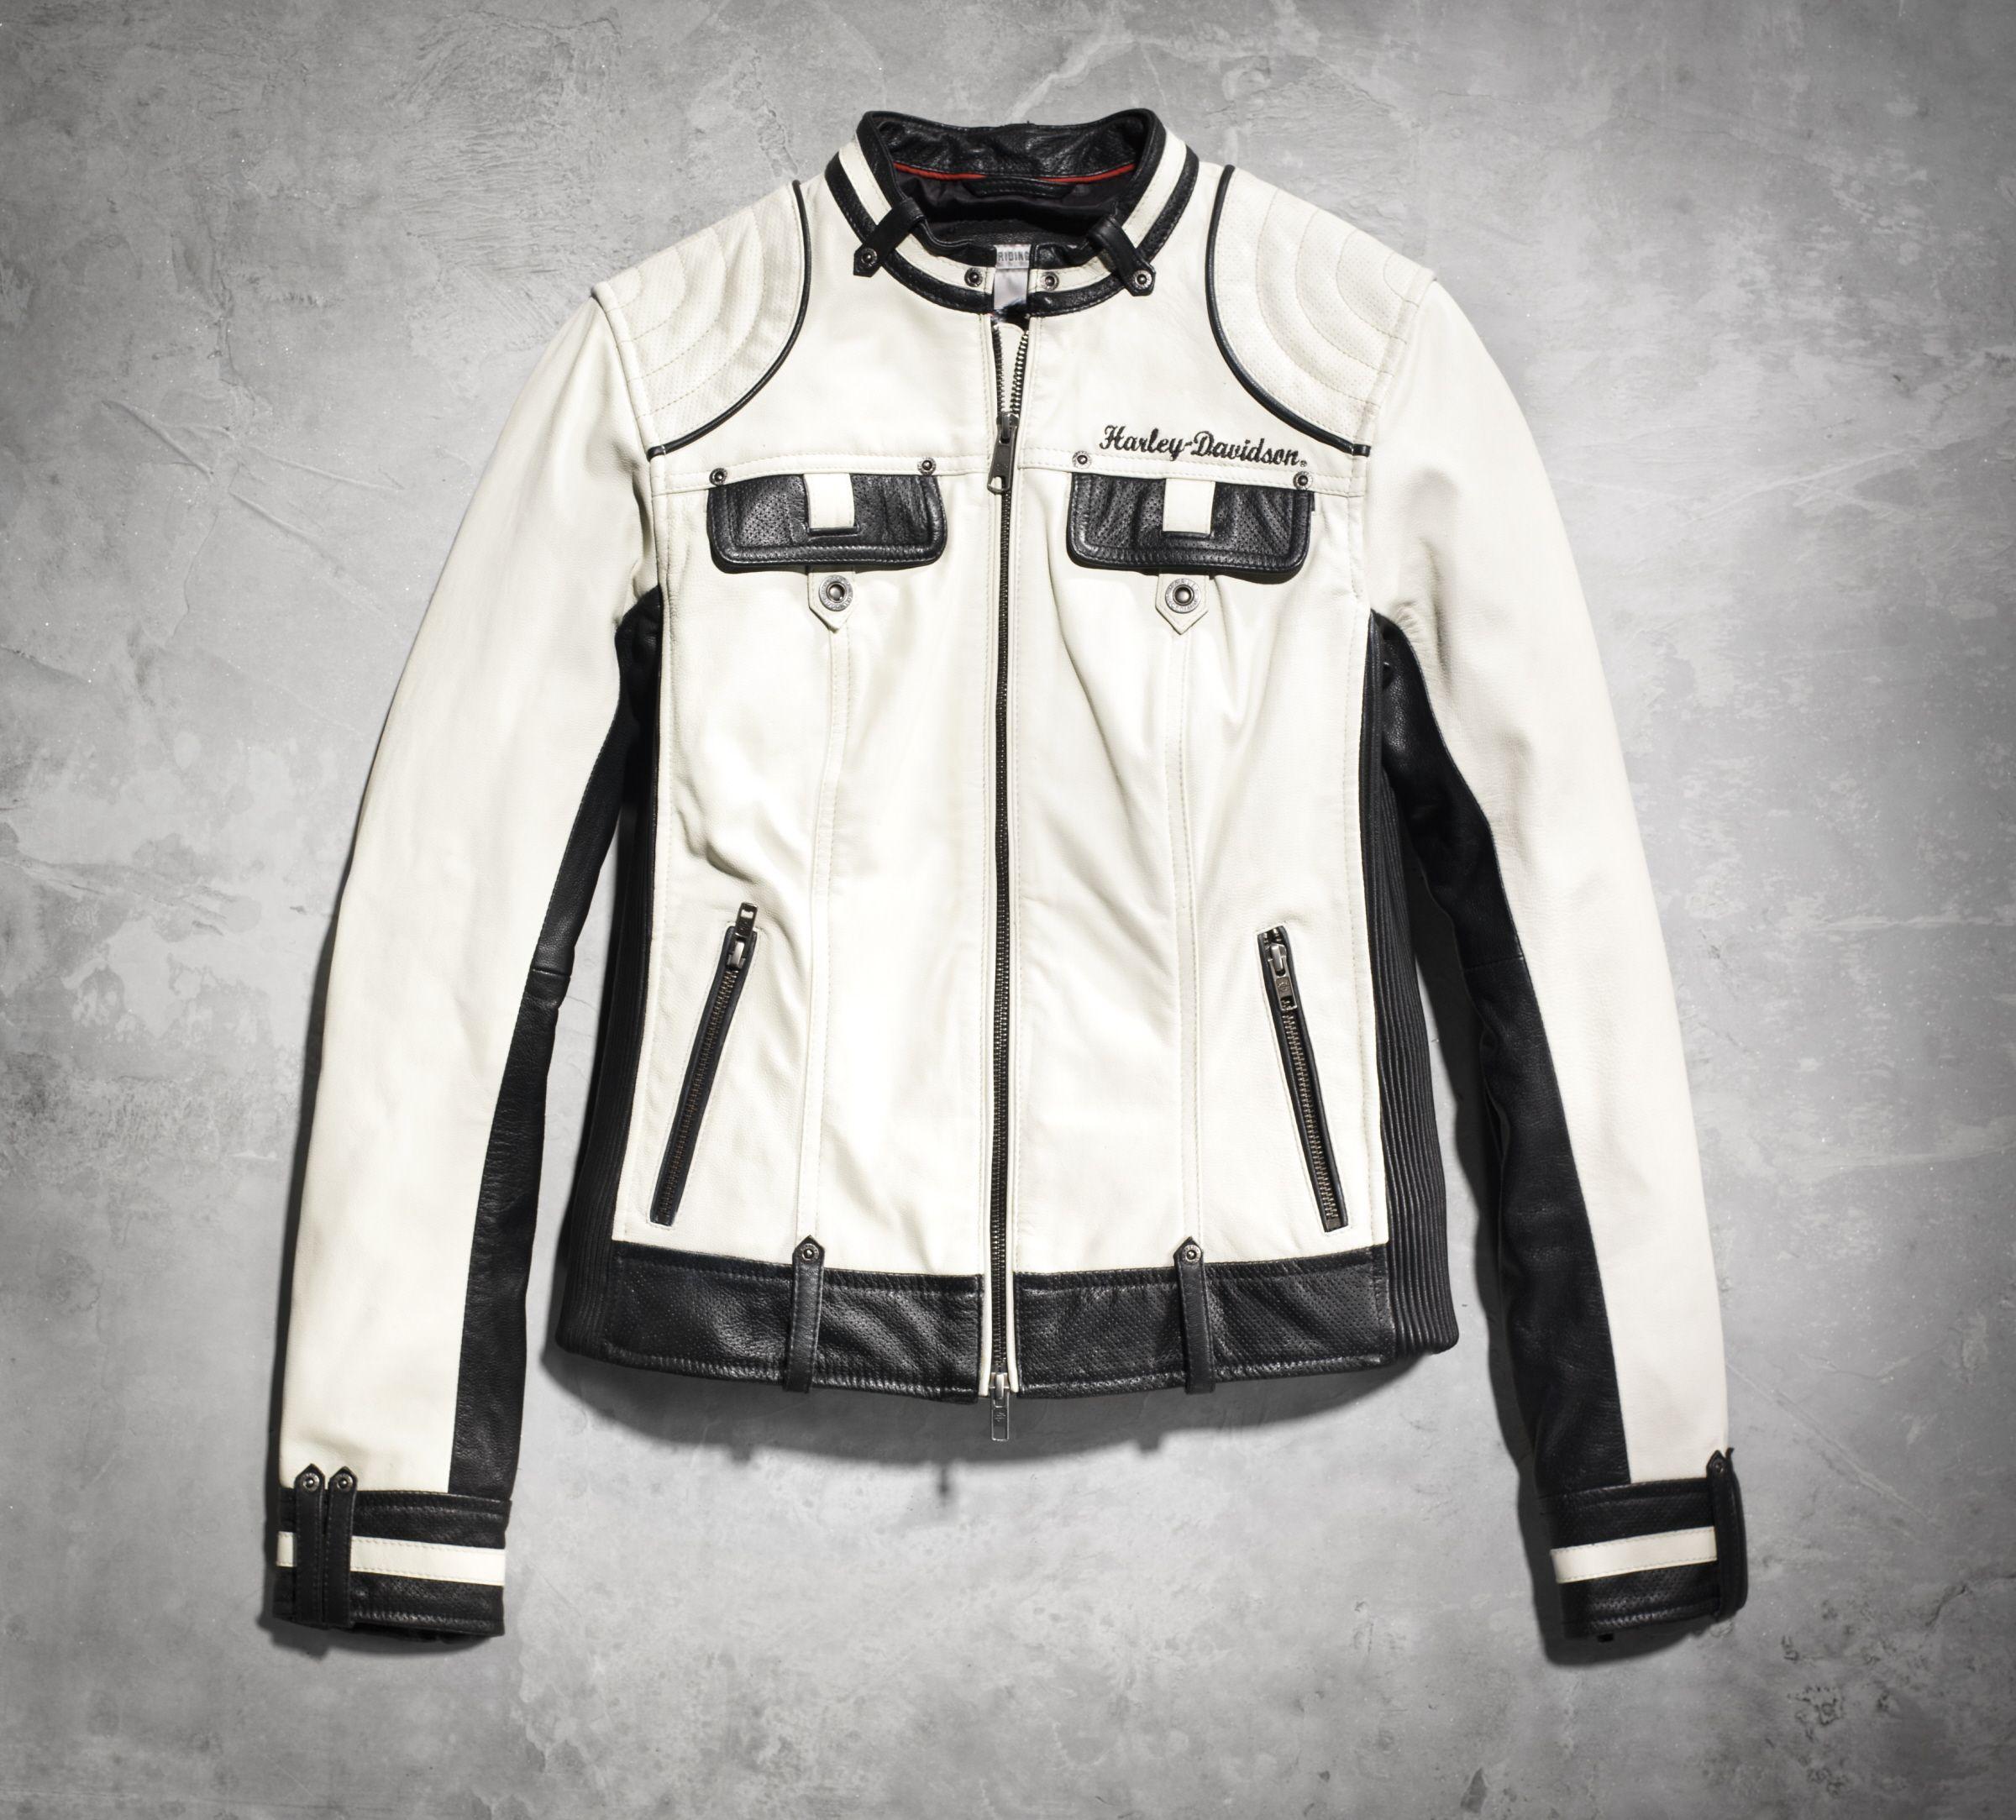 Amelia Colorblocked Leather Jacket Harley Davidson Clothing Harley Jacket Fashion [ 2167 x 2400 Pixel ]